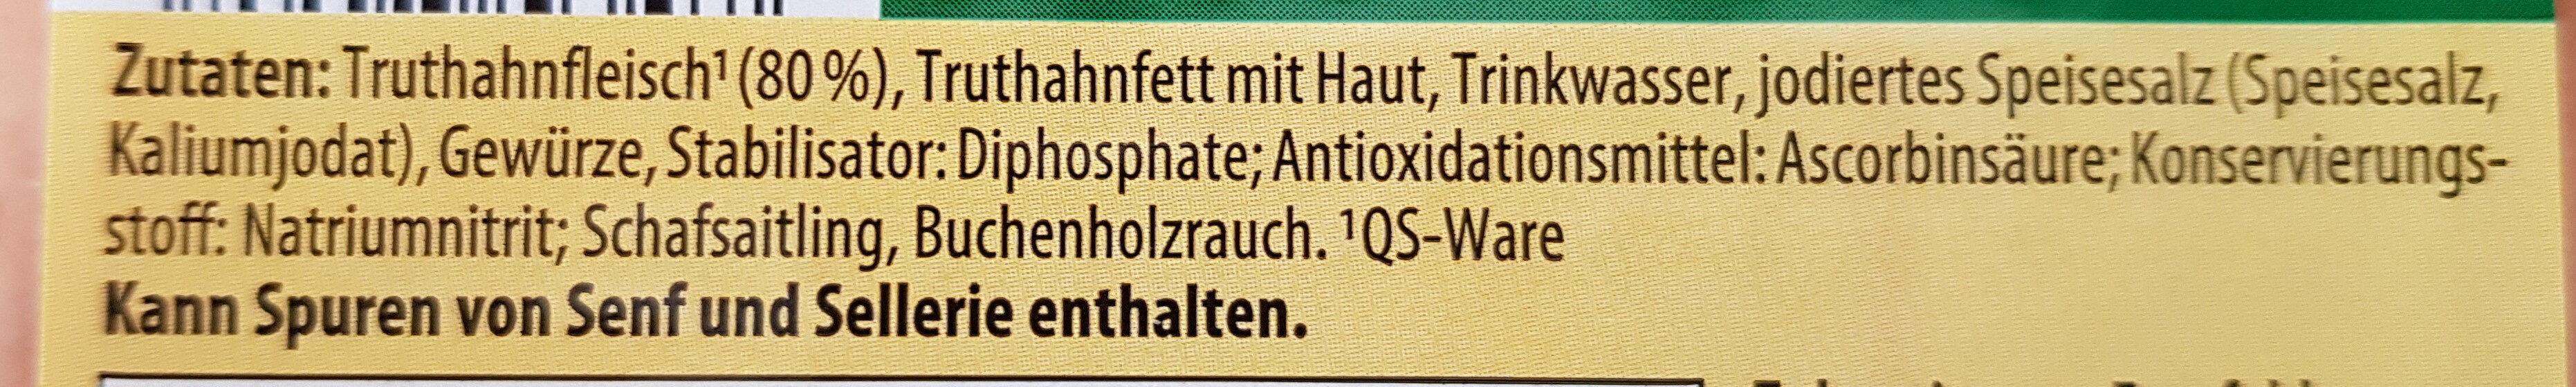 Geflügel-Wiener - Inhaltsstoffe